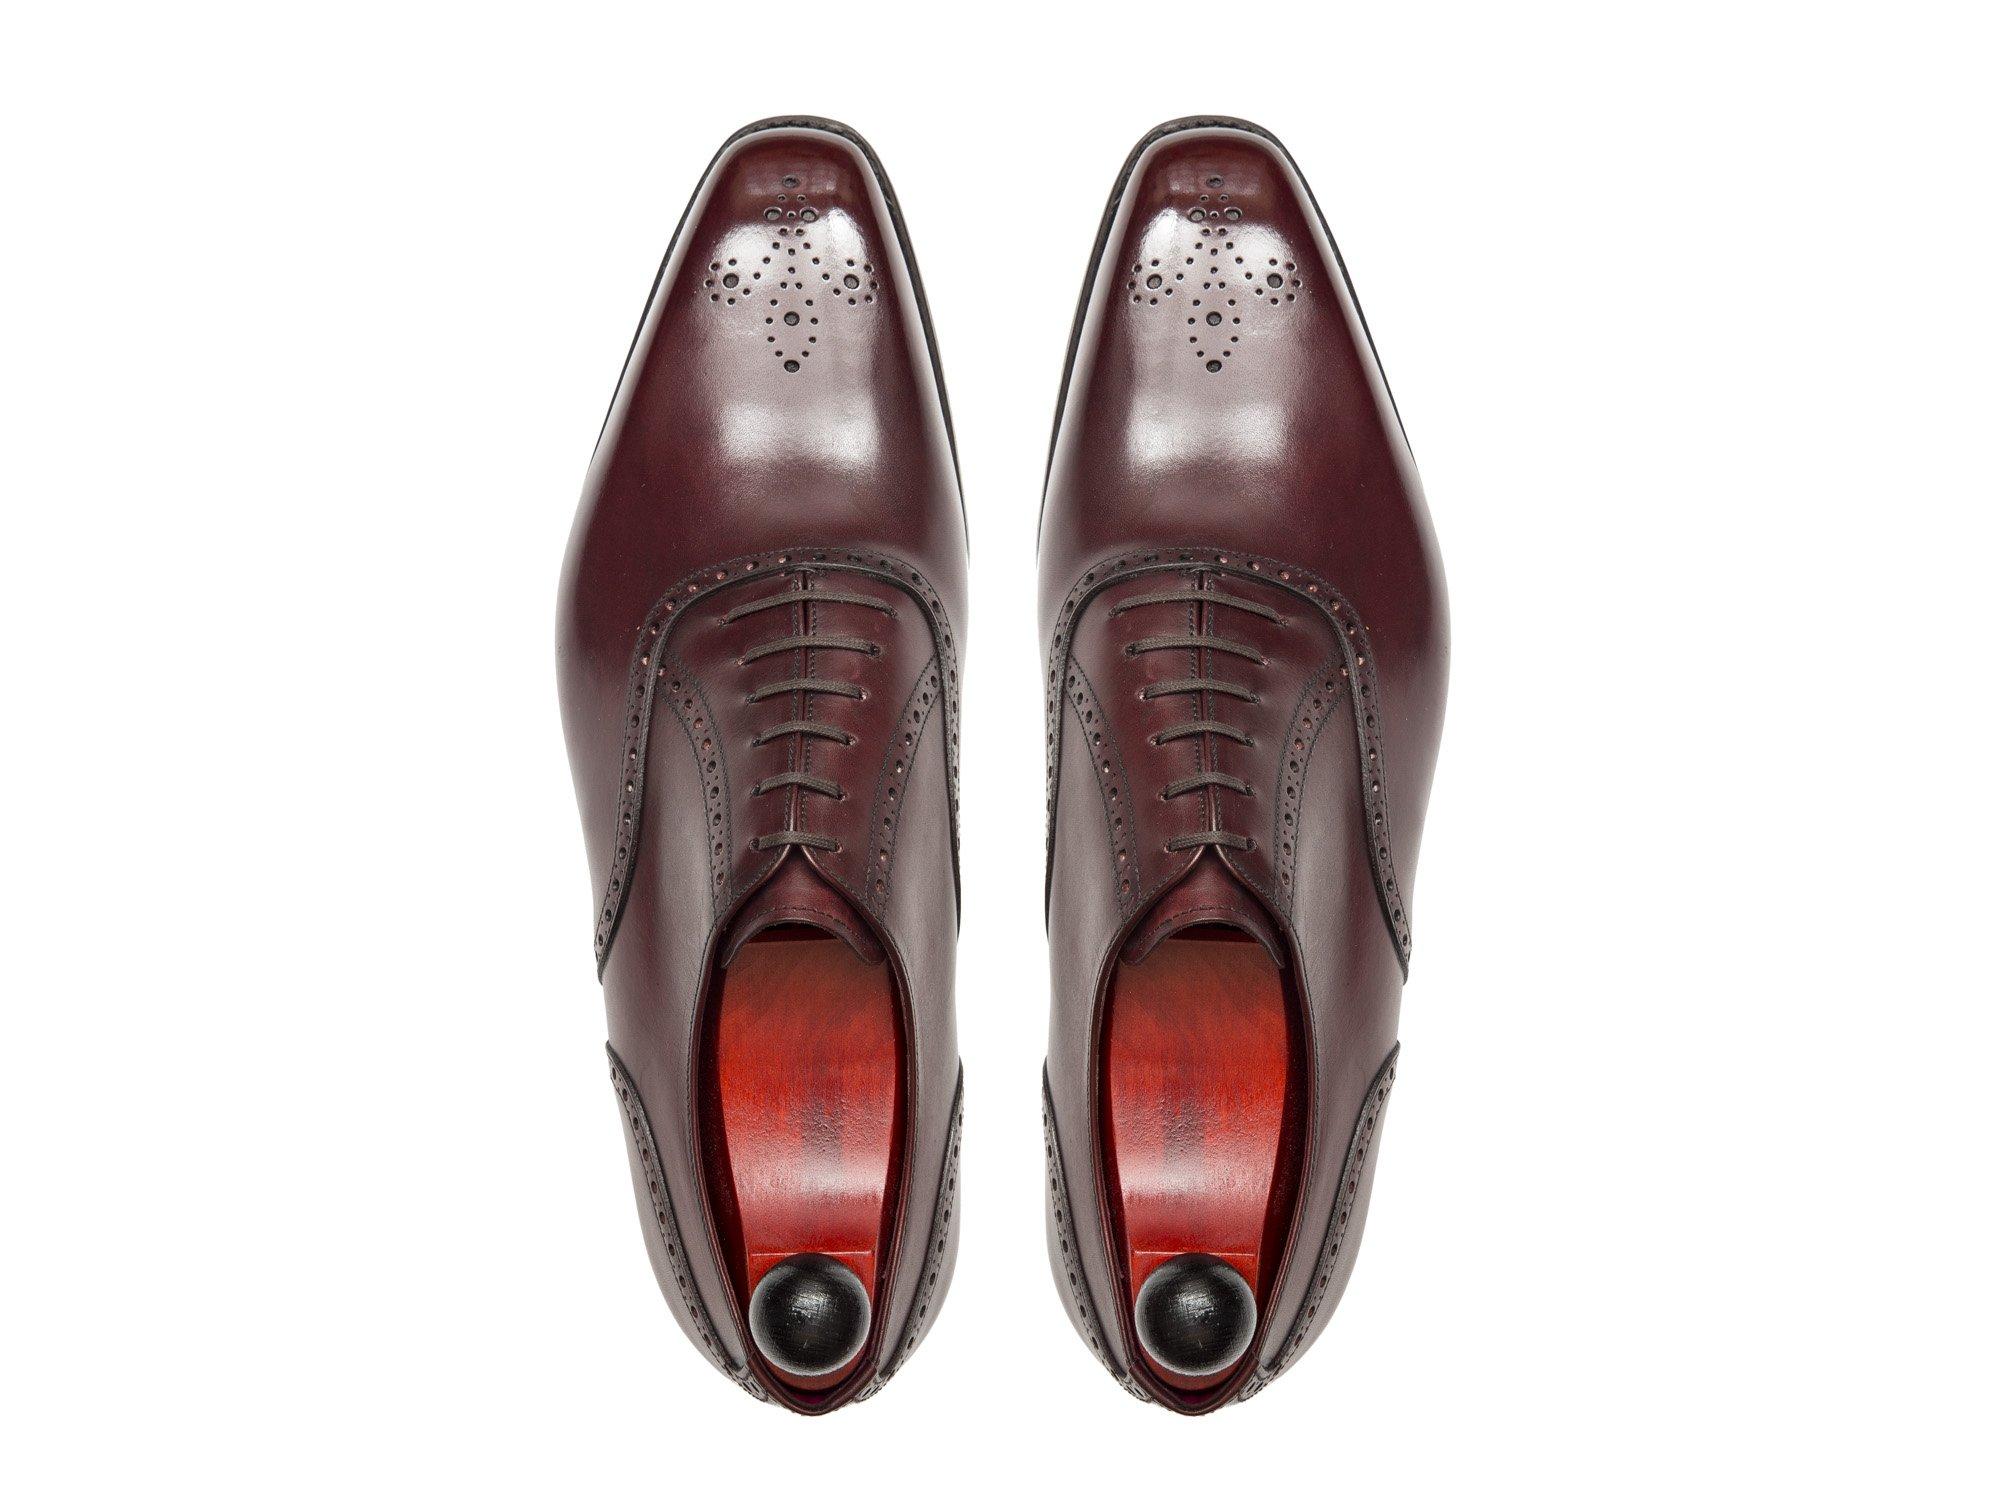 J.FitzPatrick Footwear MGF Last